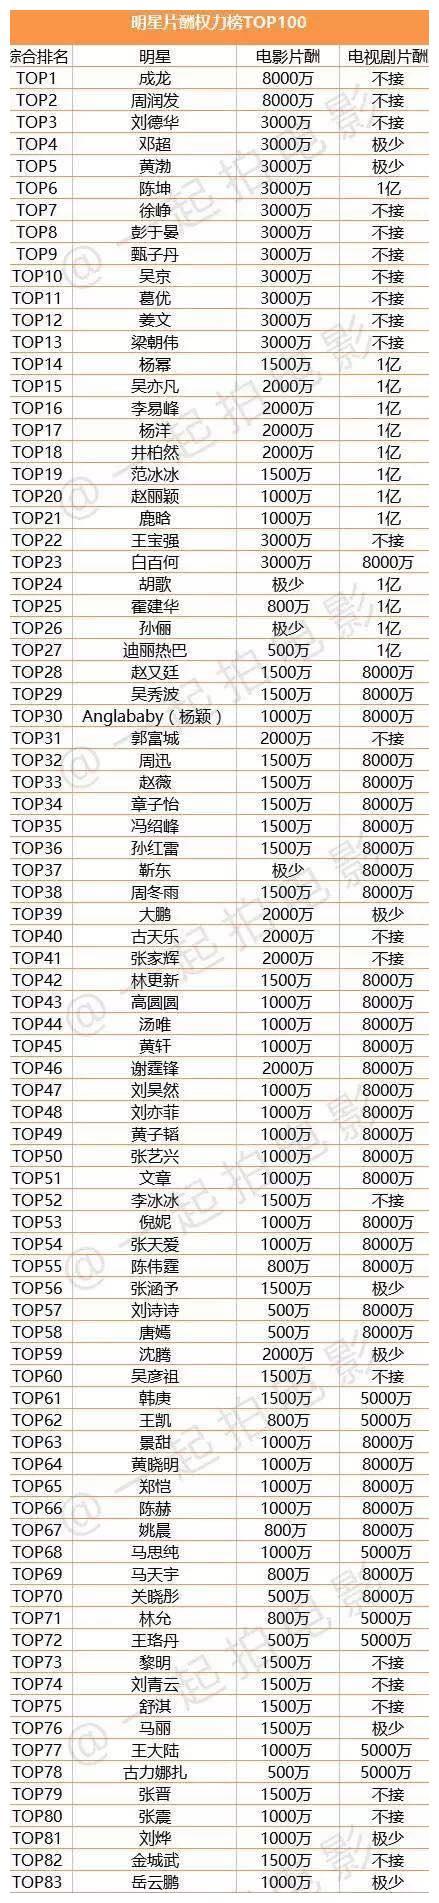 中国明星片酬榜TOP100,来看看你喜欢的明星上榜了吗